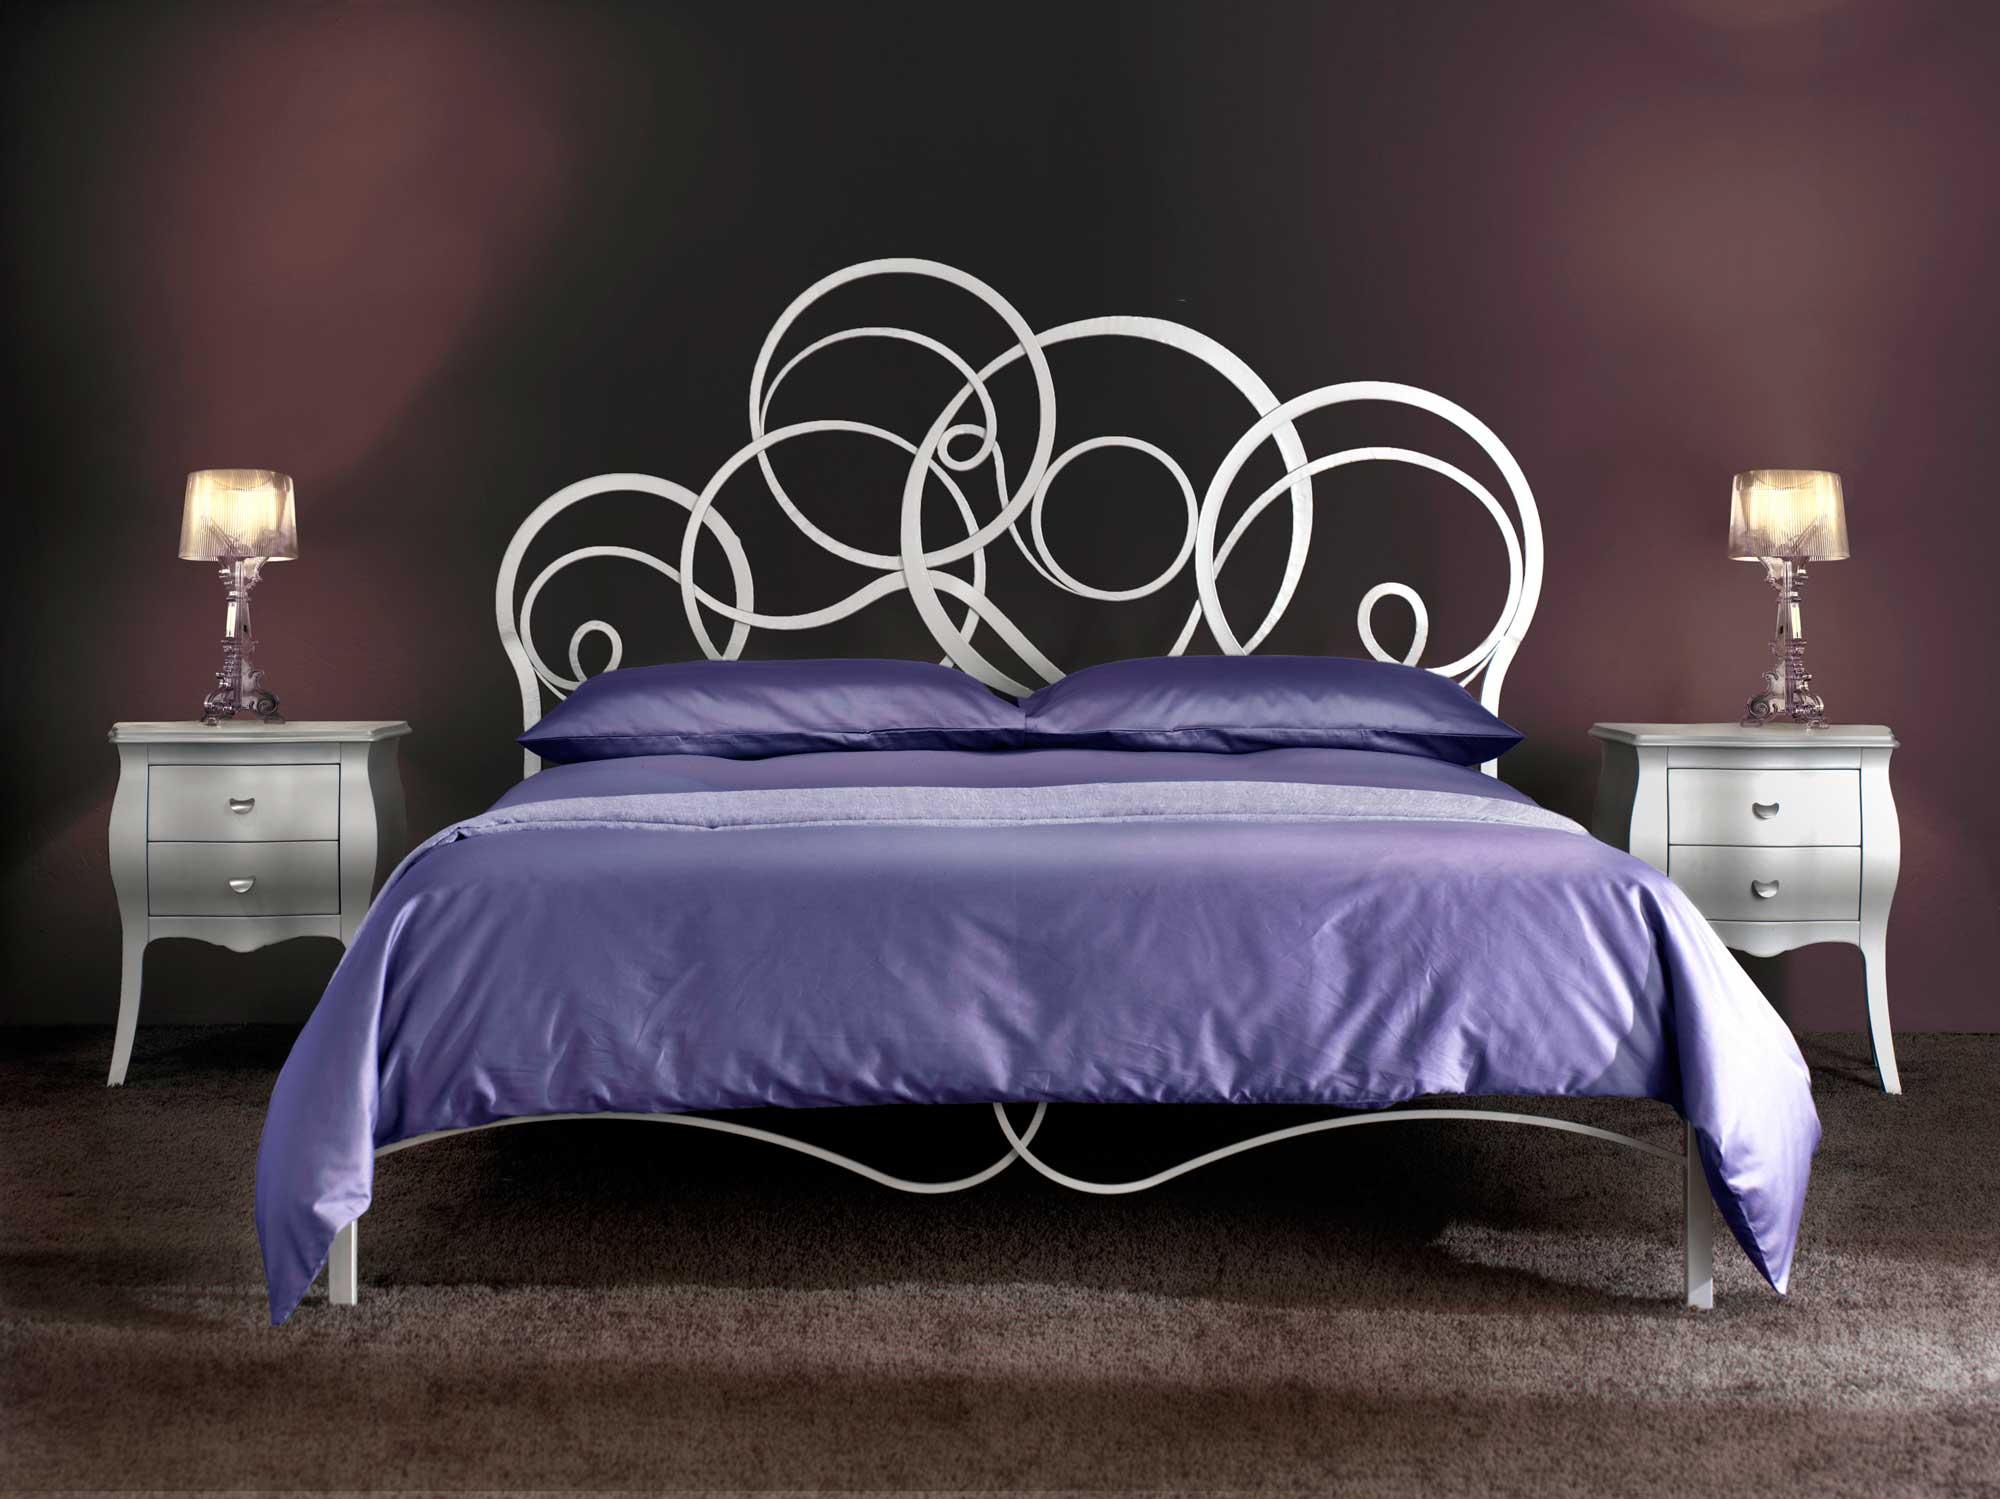 Vendita online di letti in ferro battuto, materassi, reti ed ...